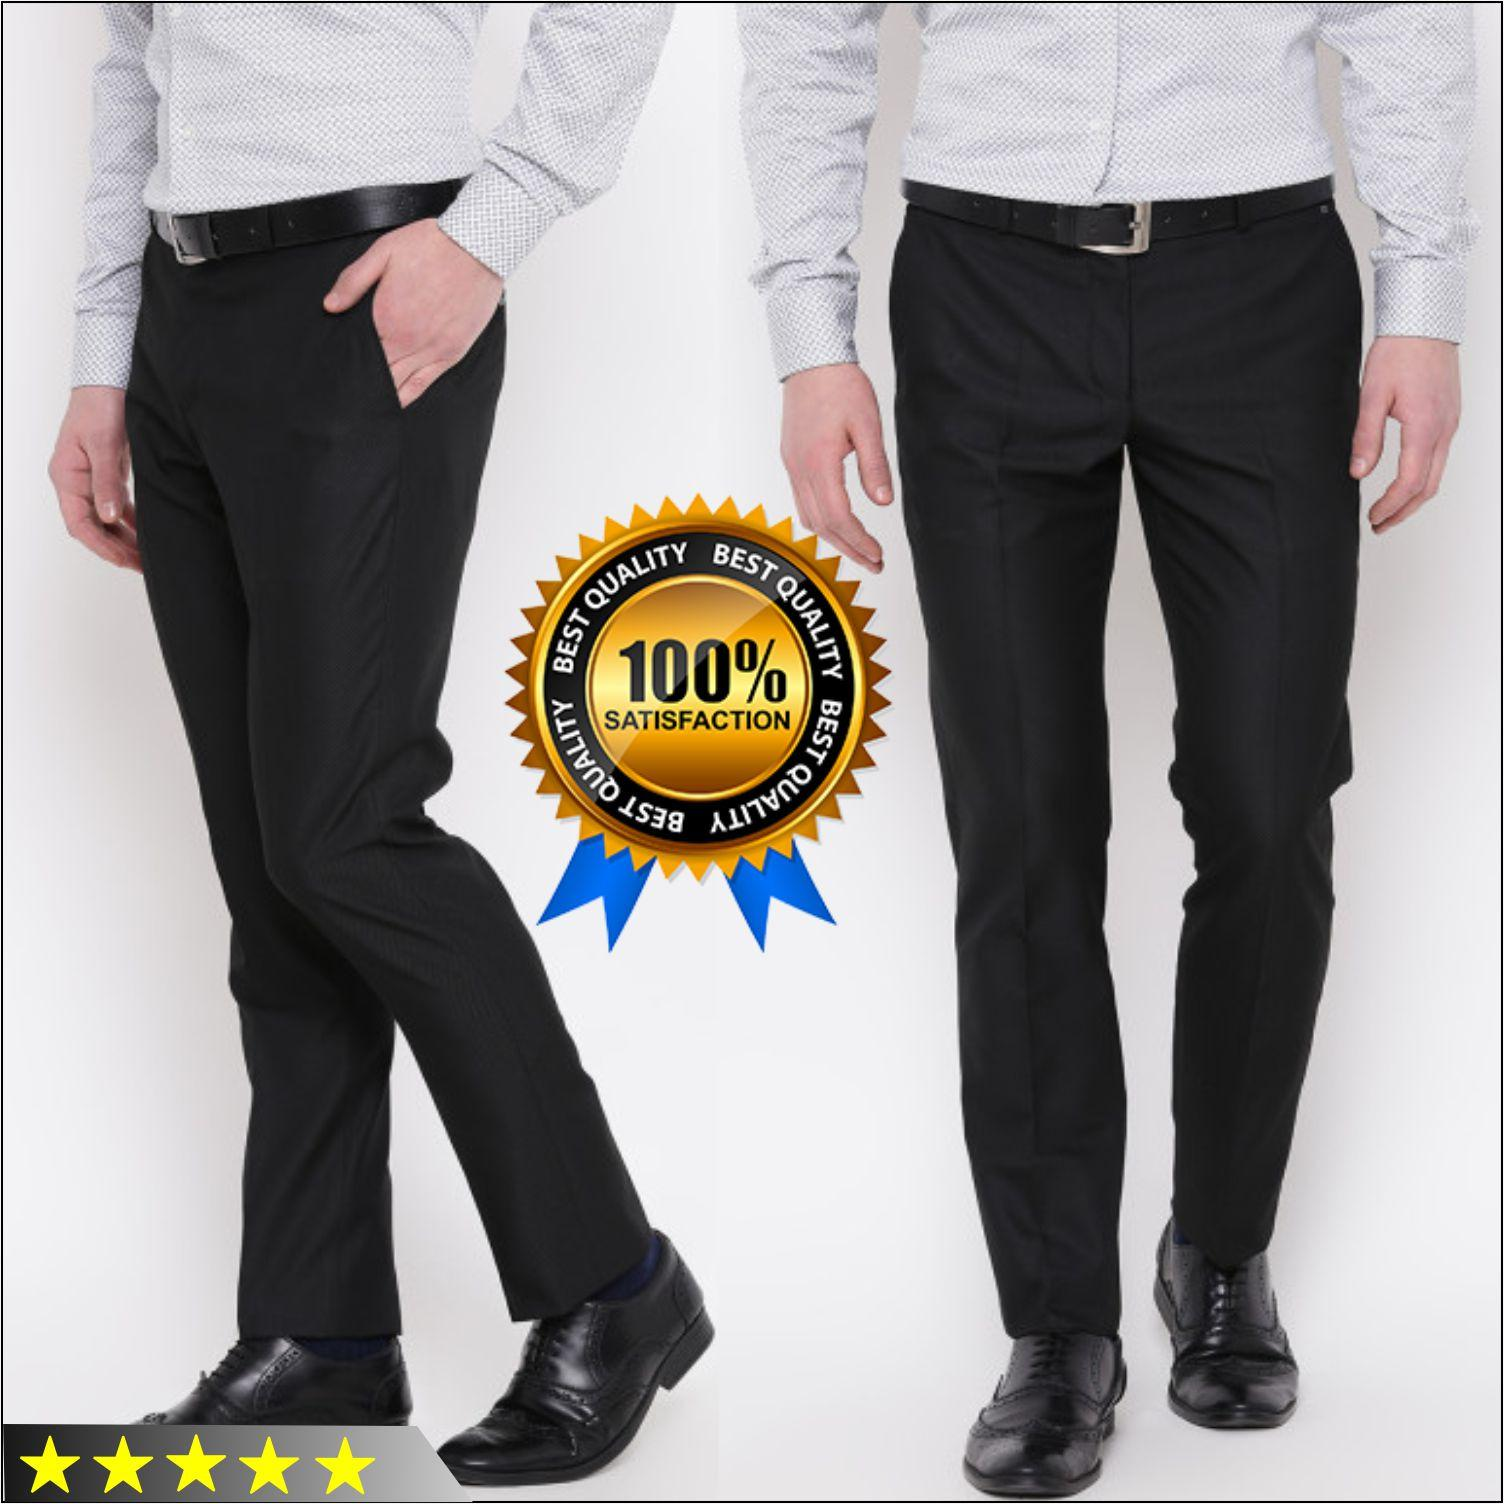 Celana Panjang Slim Fit Bahan Pria Kantoran Celana Formal Masa Kini Murah